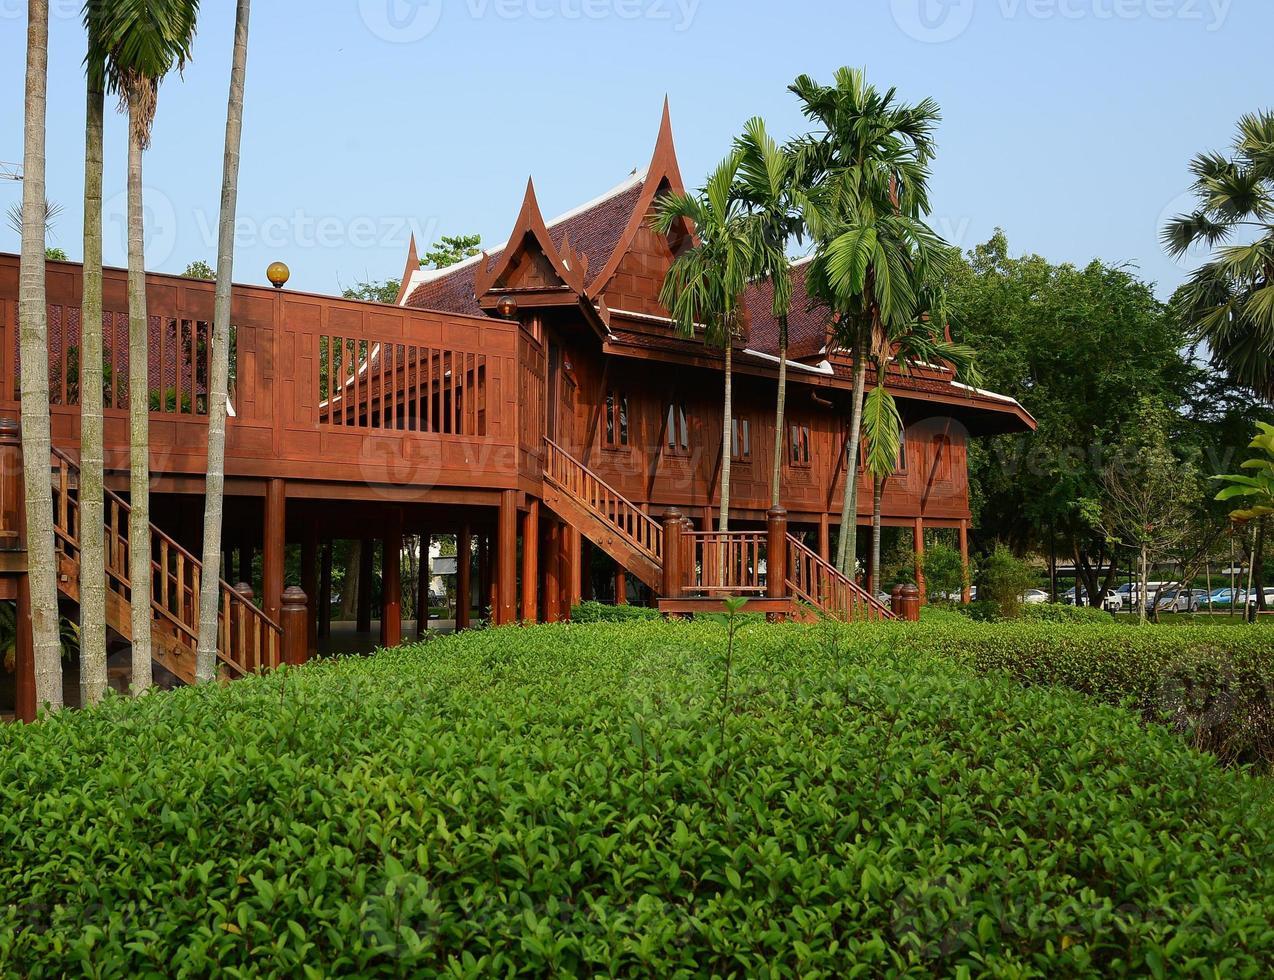 thailändisches Haus foto